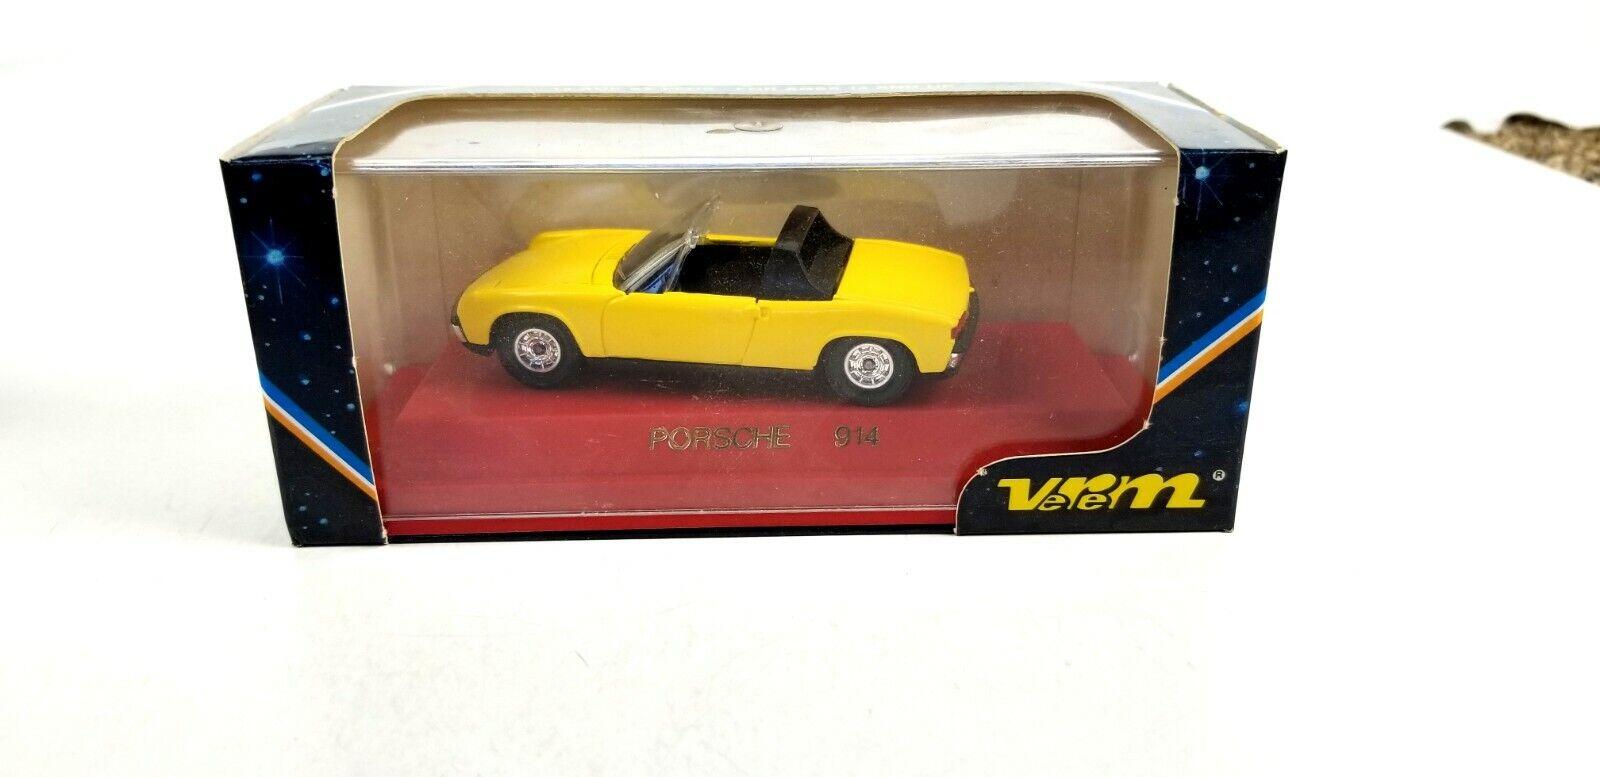 Verem Porsche 914 giallo 1 43 o escala Diecast descapotable modelo de coche réplica